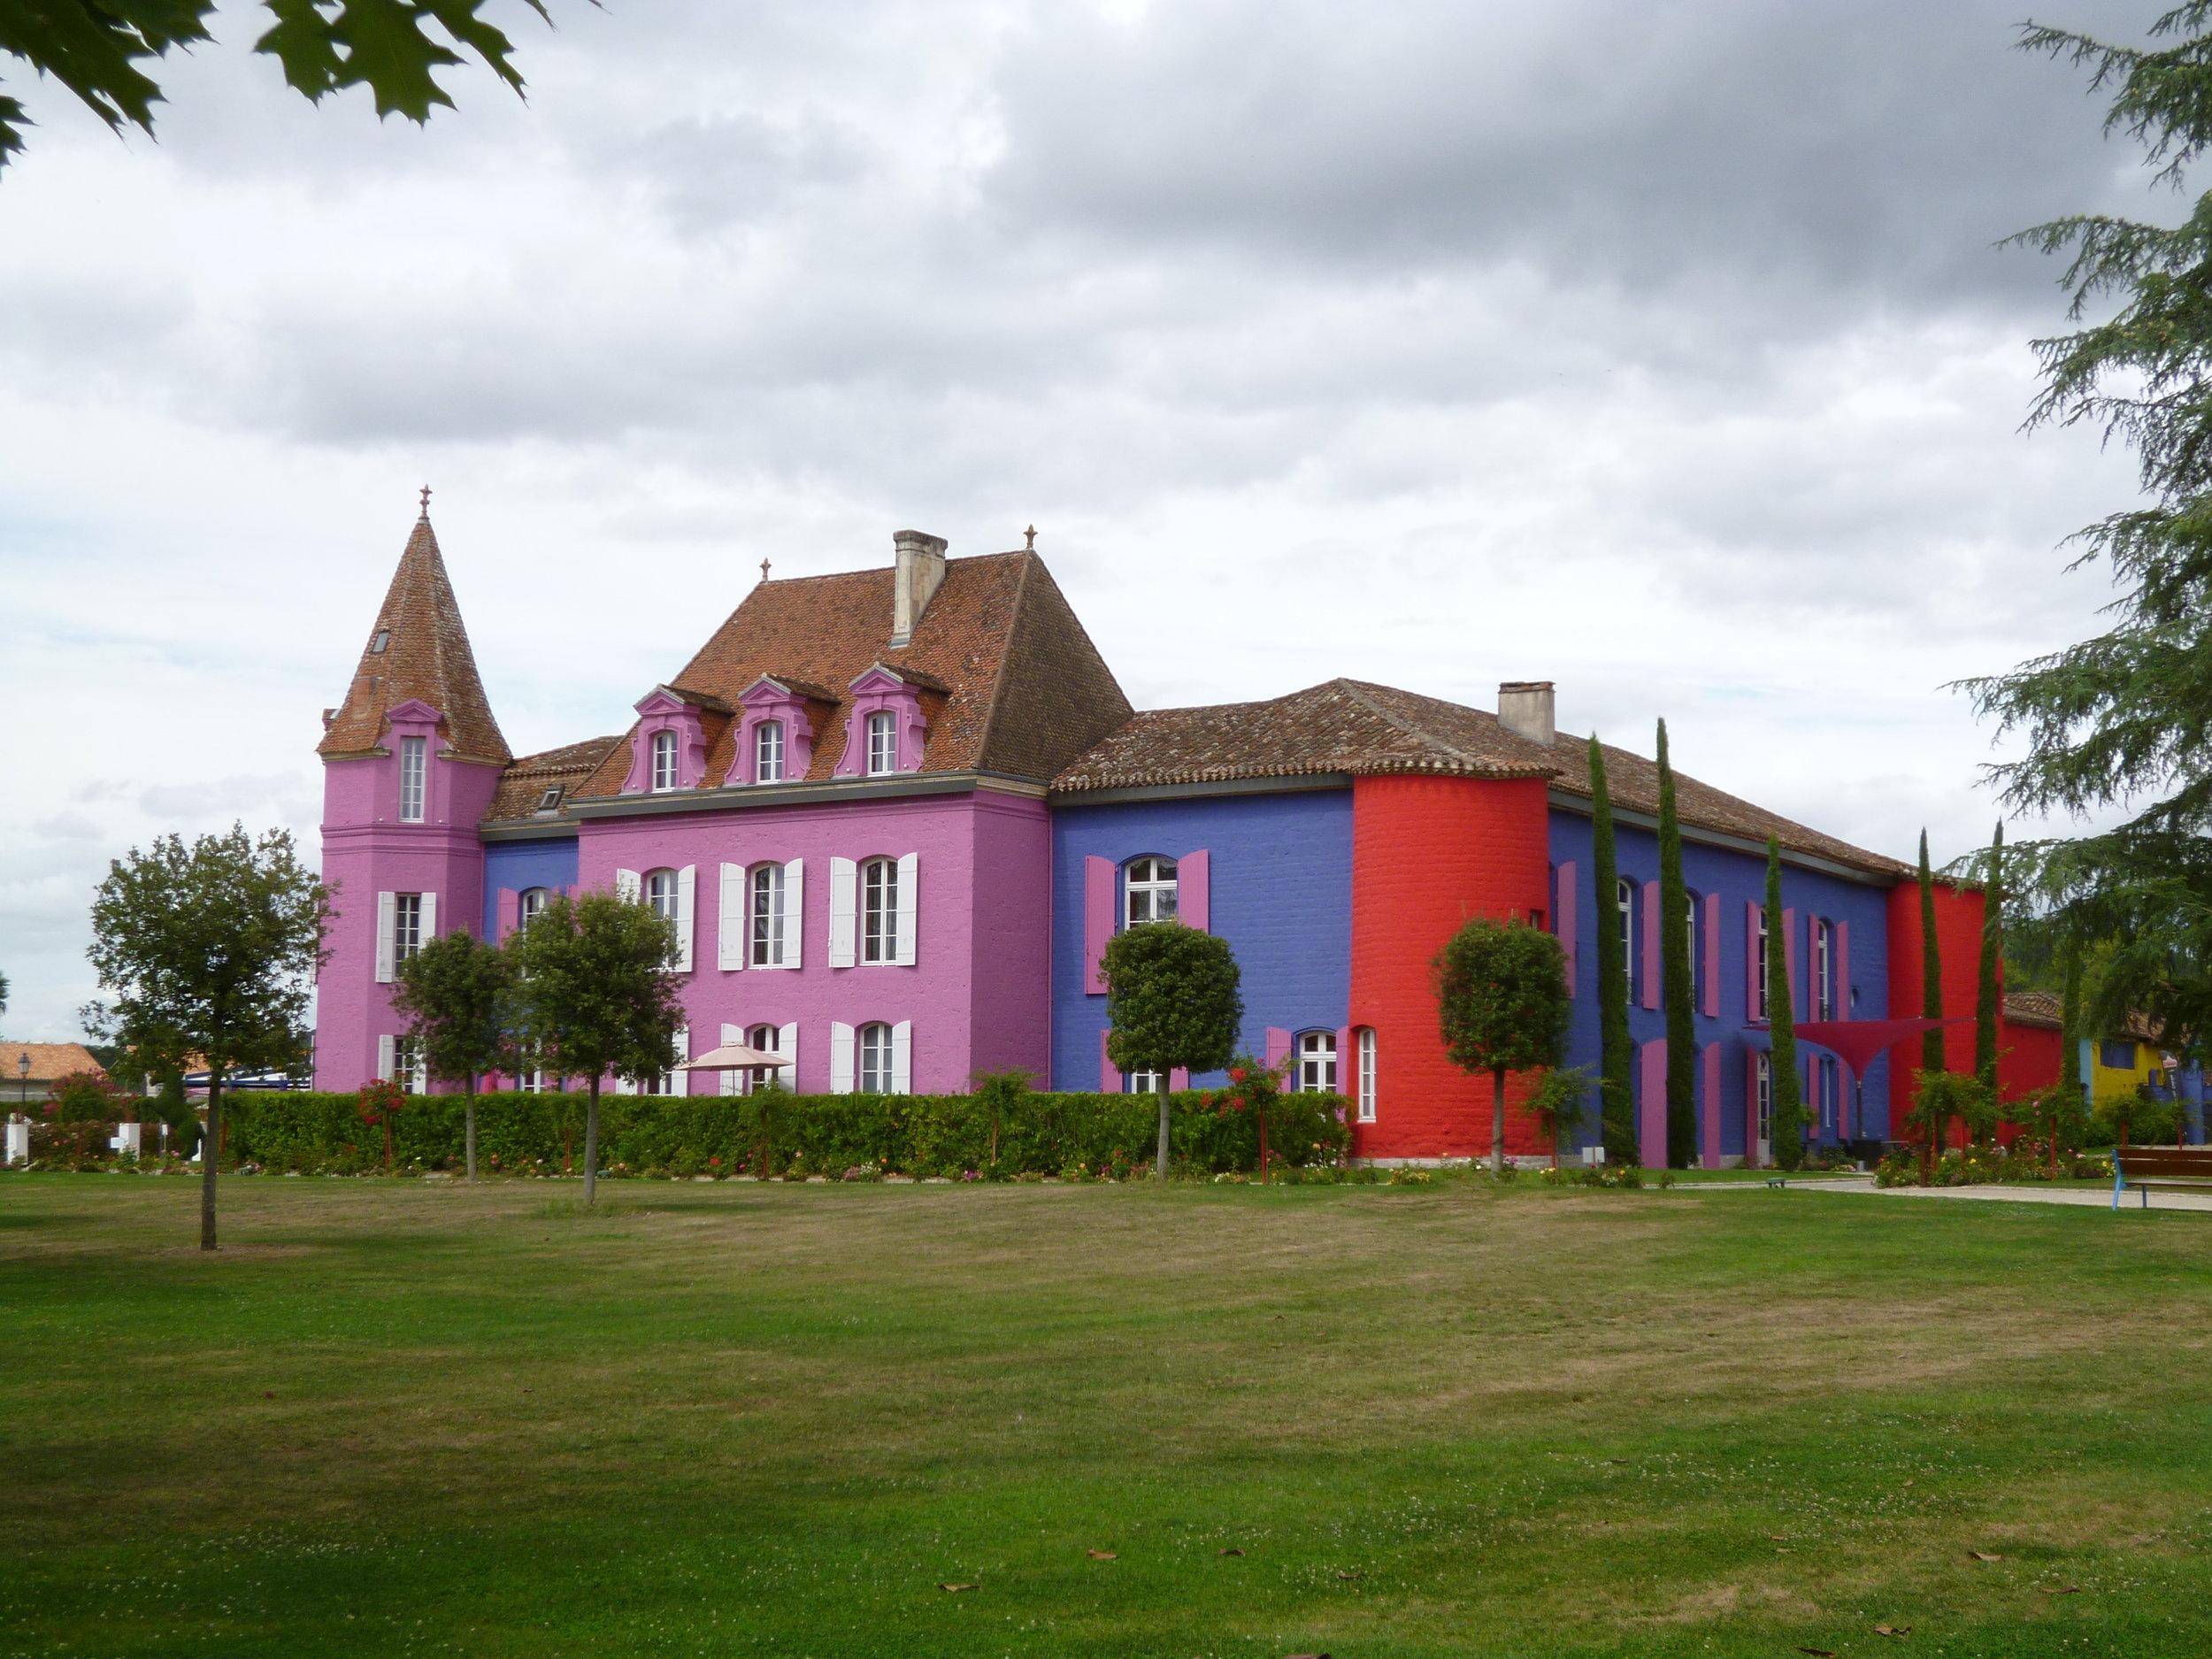 Chateau Le Stelsia.